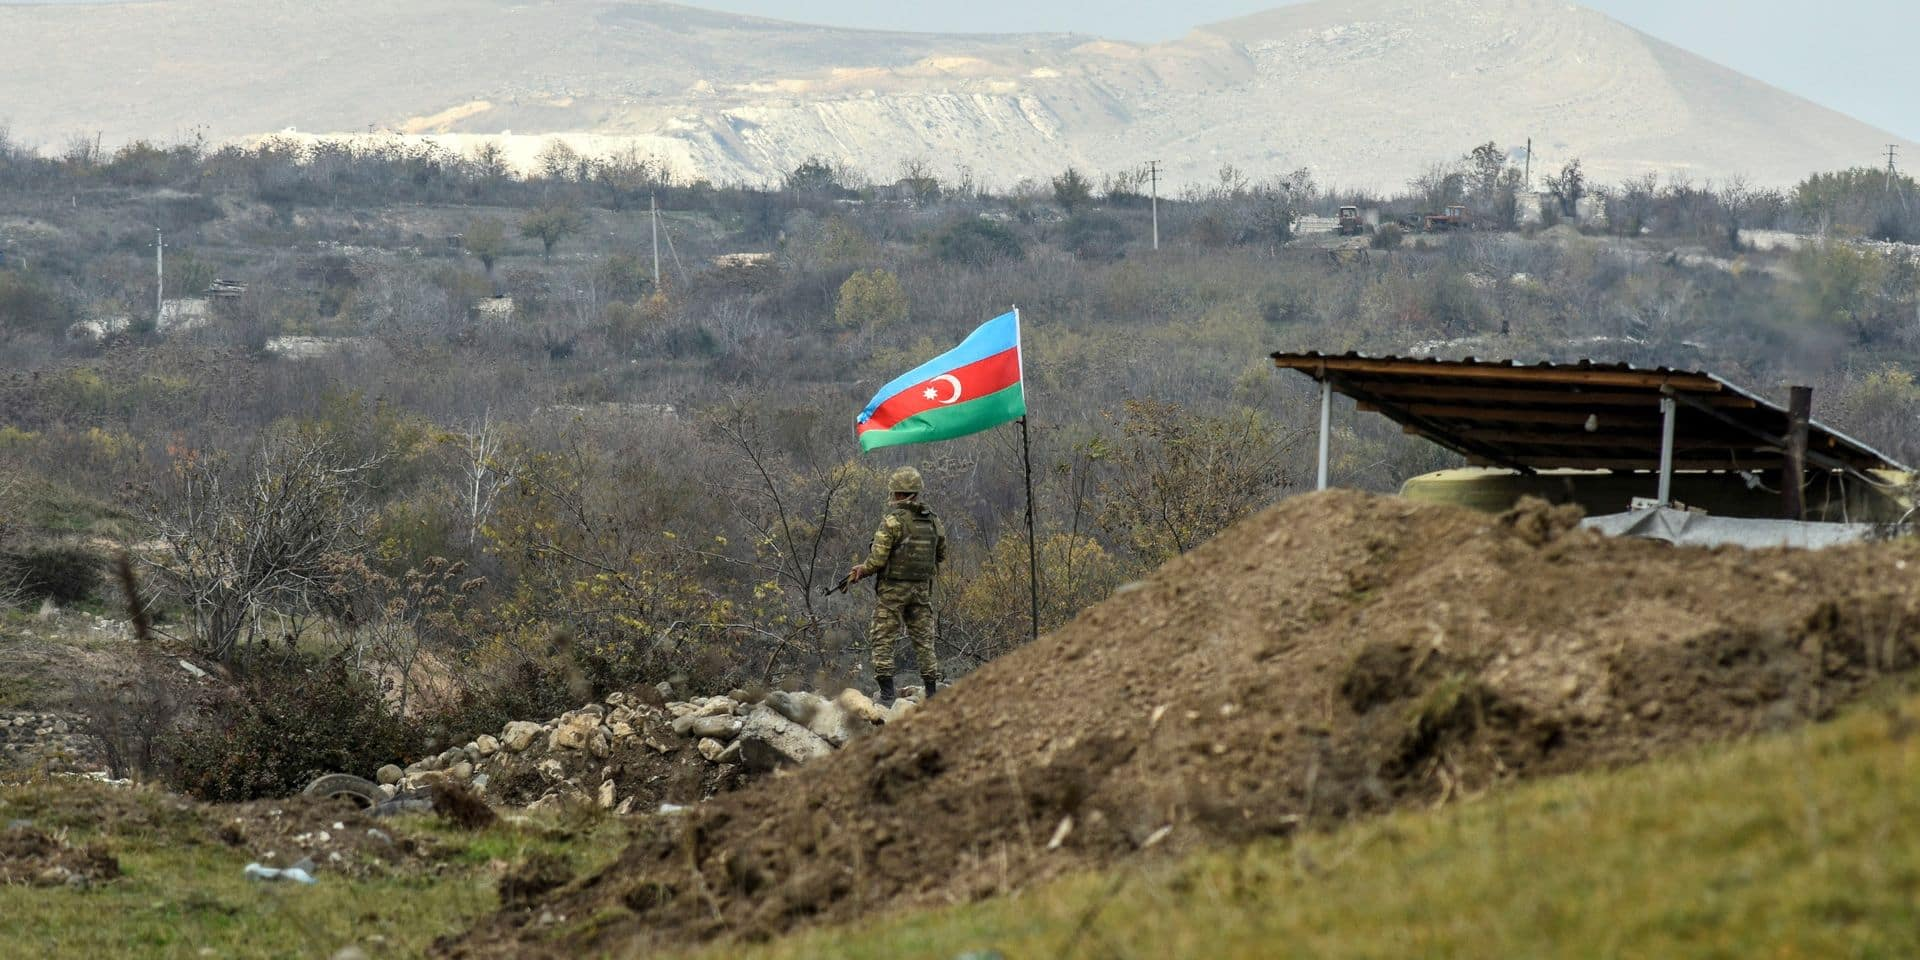 Les députés belges demandent à Ankara de rapatrier les quelque 2.500 djihadistes du Karabakh